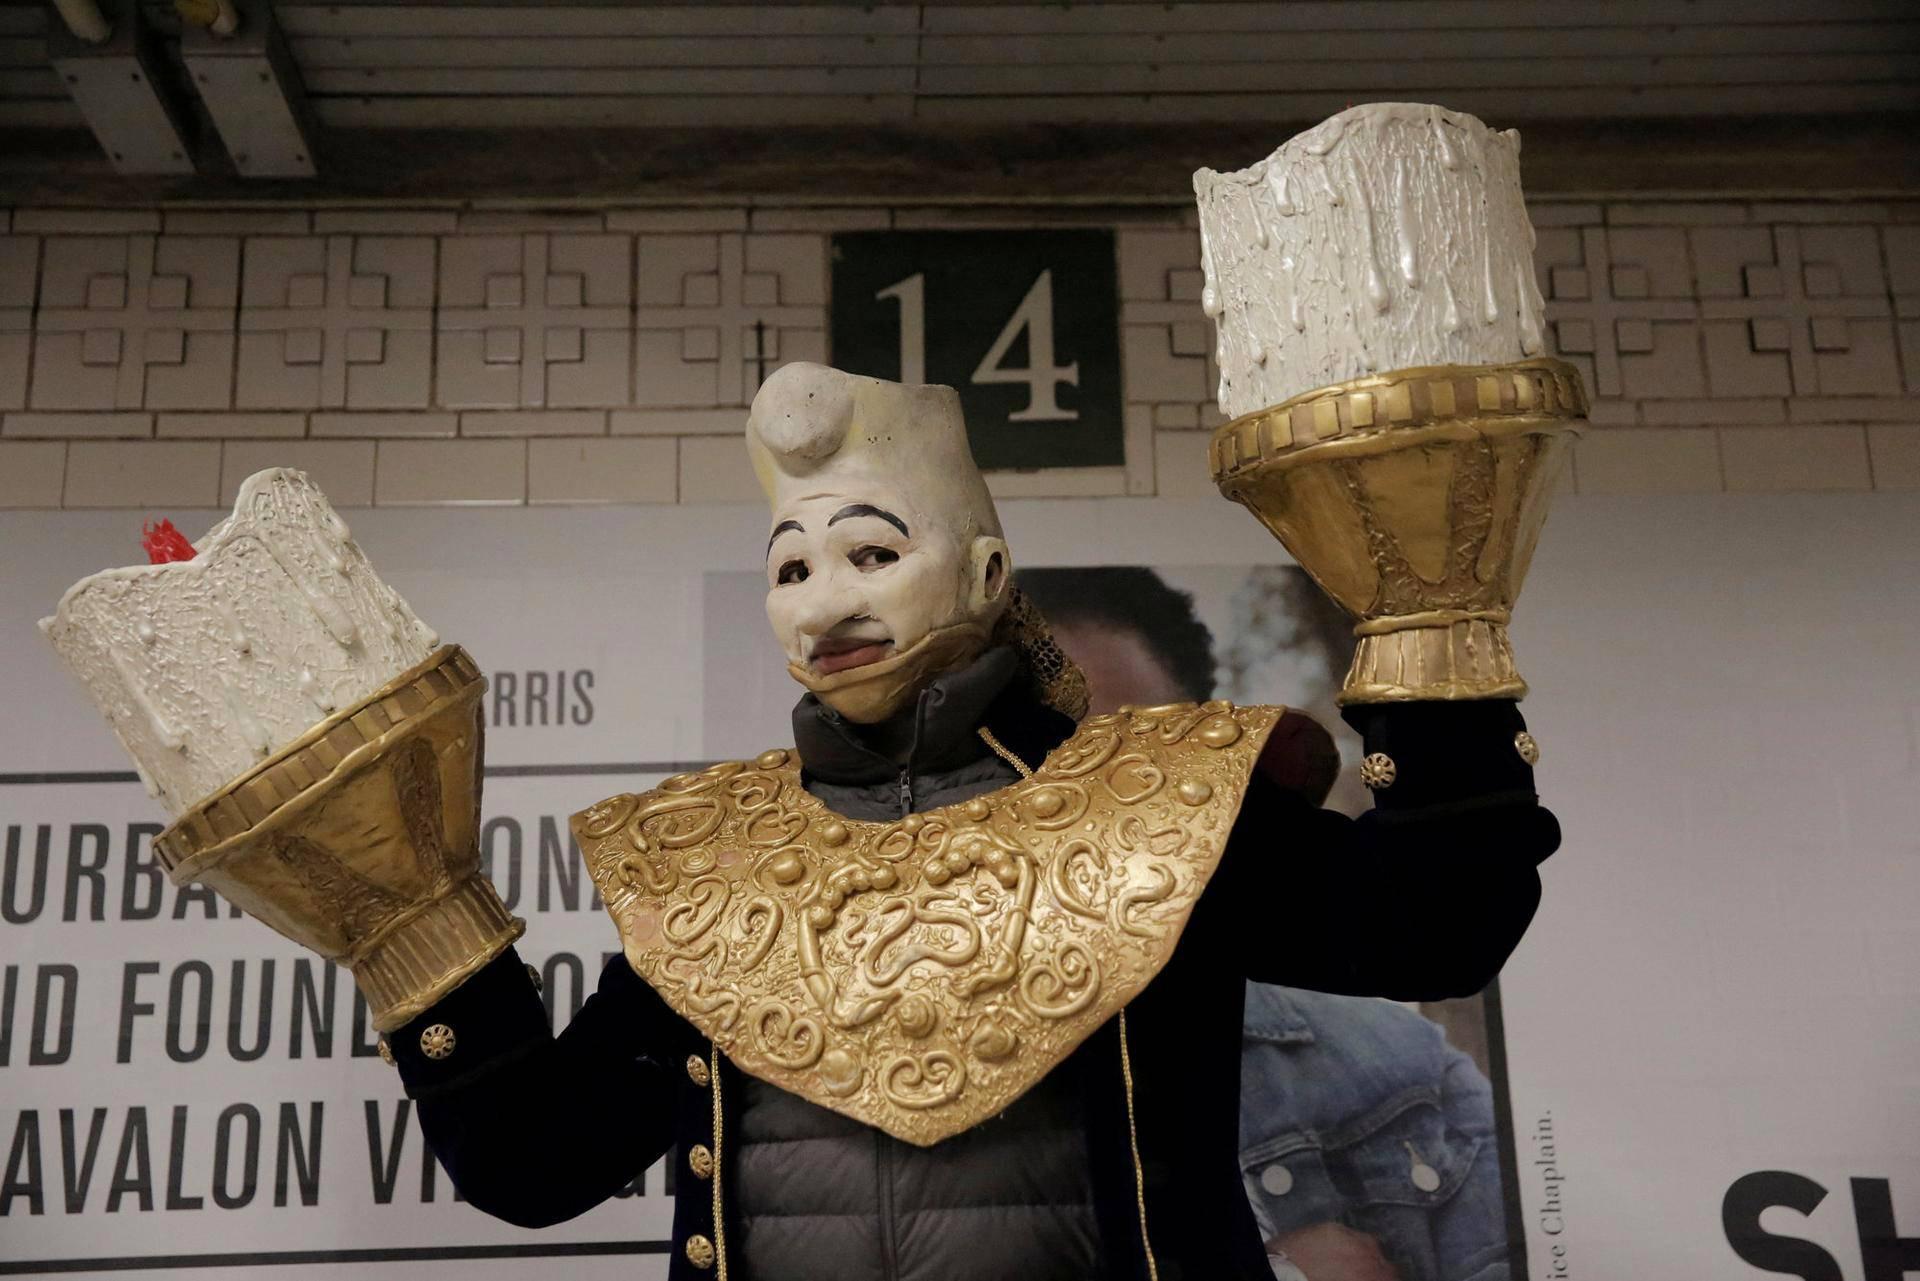 Kaunotar ja hirviö -elokuvan Lumièreksi pukeutunut matkustaja Manhattanin metrossa.